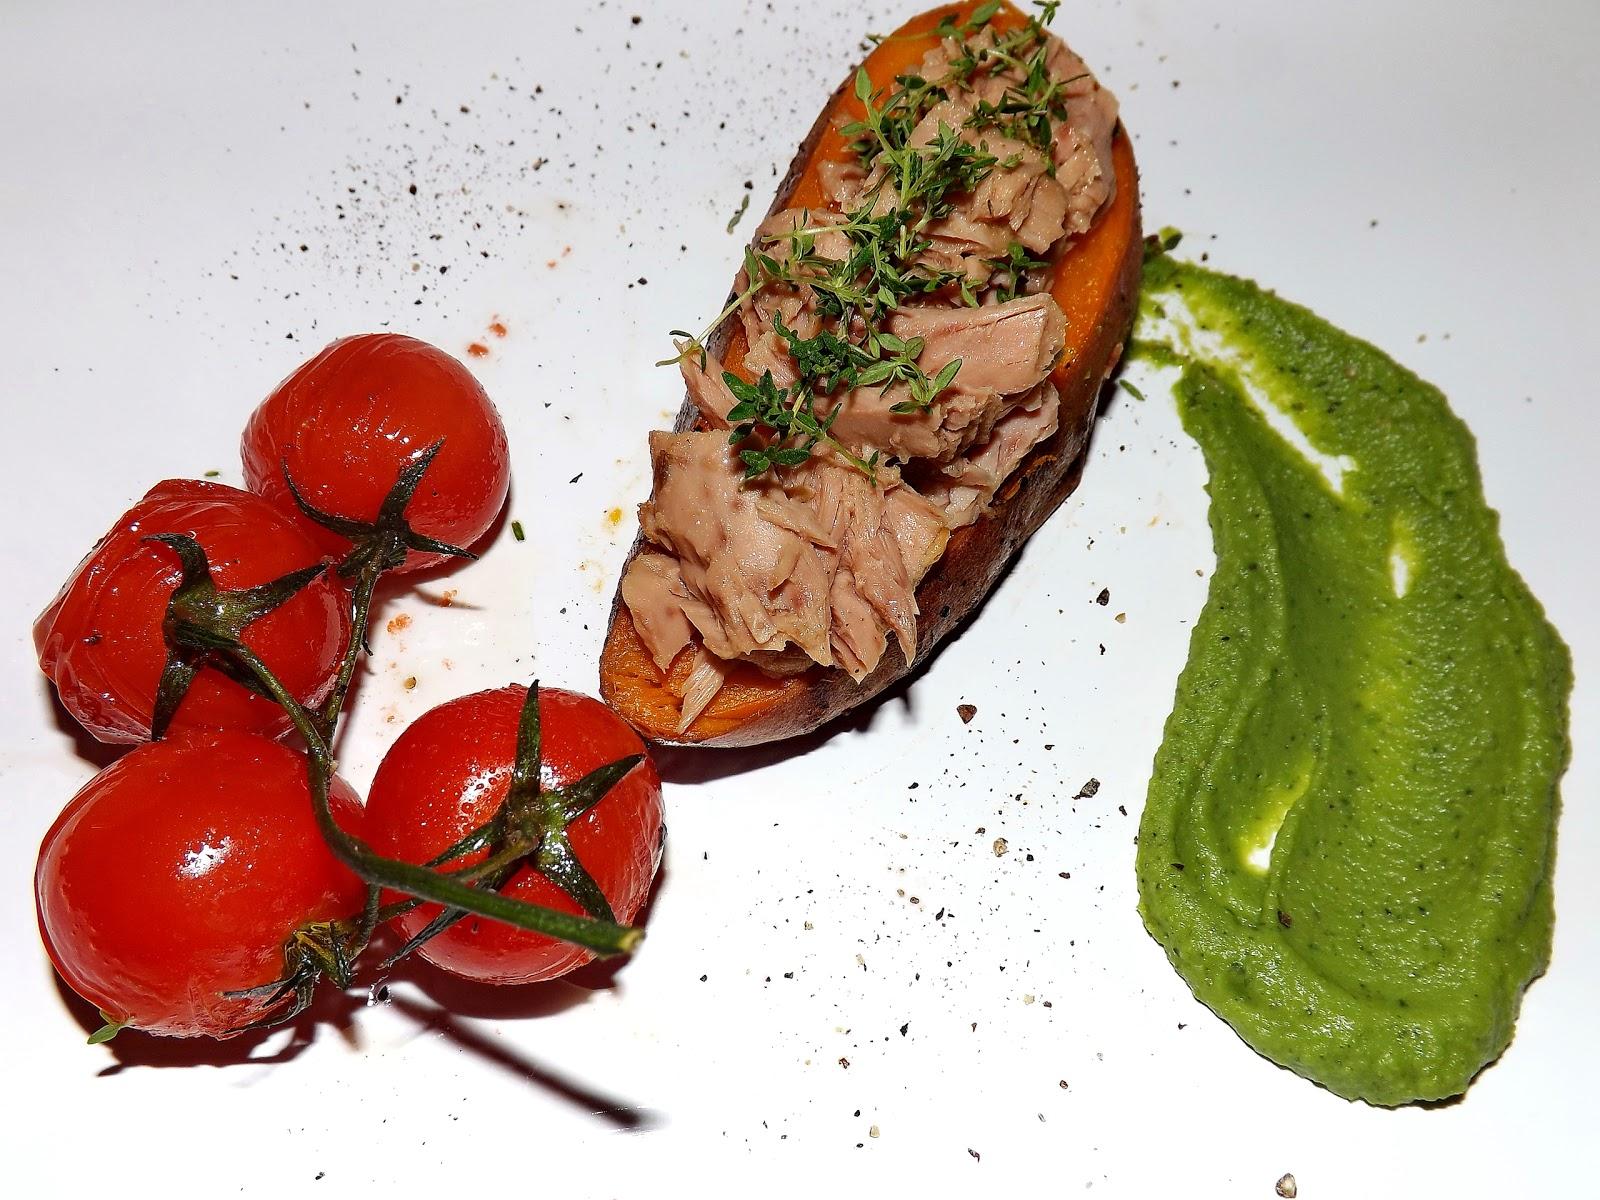 Pieczony batat z tuńczykiem z purée z groszku i pomidorkami